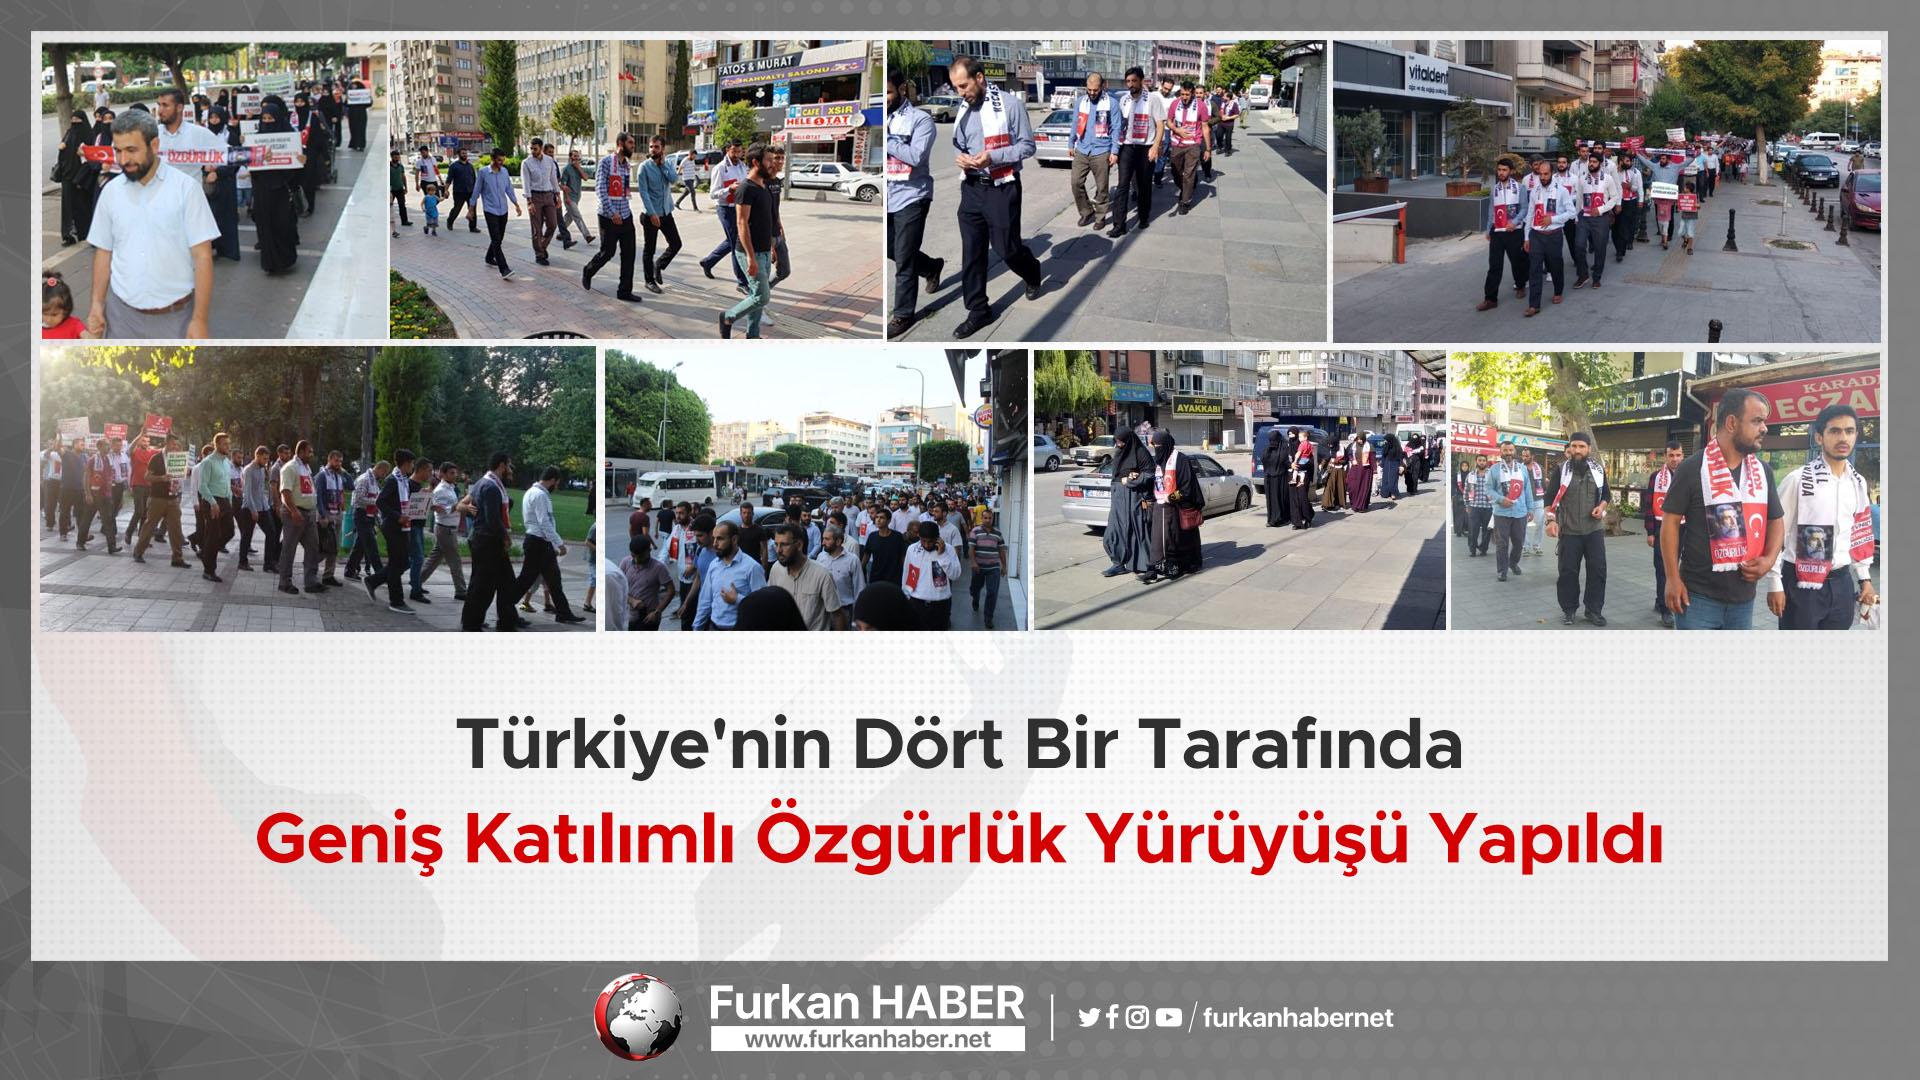 Türkiye'nin Dört Bir Tarafında Geniş Katılımlı Özgürlük Yürüyüşü Yapıldı